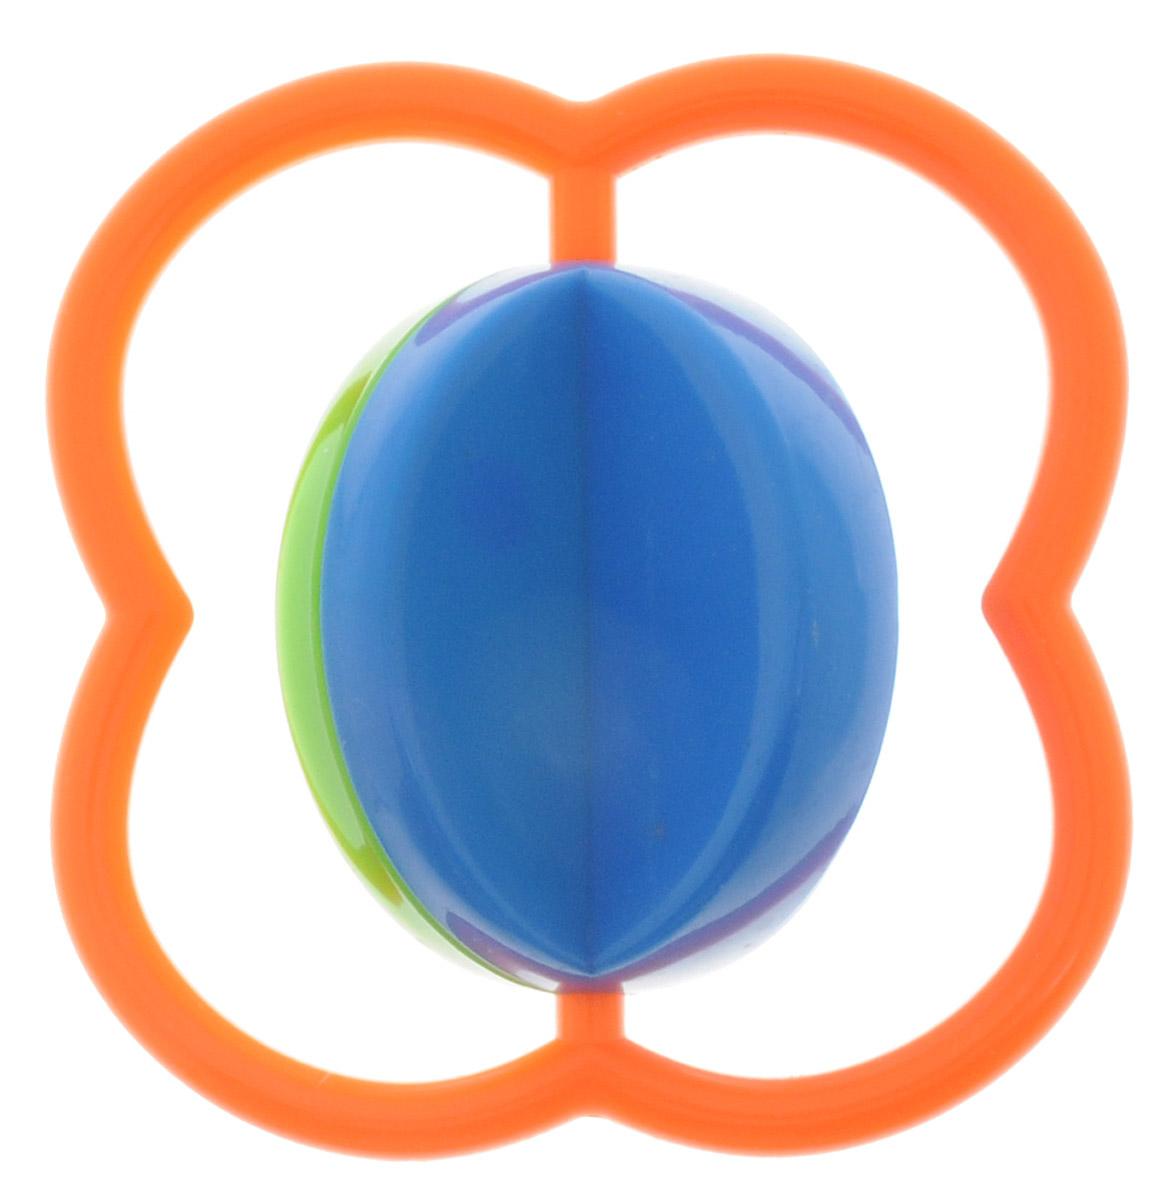 Малышарики Погремушка Карусель цвет зеленый синийMSH0302-009_зеленый, синийМалыш только начинает познавать окружающий мир. Погремушки помогают ему в этом, развивая необходимые в будущем навыки и способности. Кроха учится держать предметы, различать звуки и знакомится с формами и цветами. Погремушка Малышарики Карусель непременно привлечет внимание вашего малыша. С первых месяцев жизни ребенок начинает интересоваться яркими, подвижными предметами, ведь они являются его главными помощниками в изучении нашего удивительного мира. Забавная погремушка поможет малышу научиться фокусировать свое внимание. Игрушка развивает мелкую моторику и слуховое восприятие. Рекомендуемый возраст от 0 до 1 года.